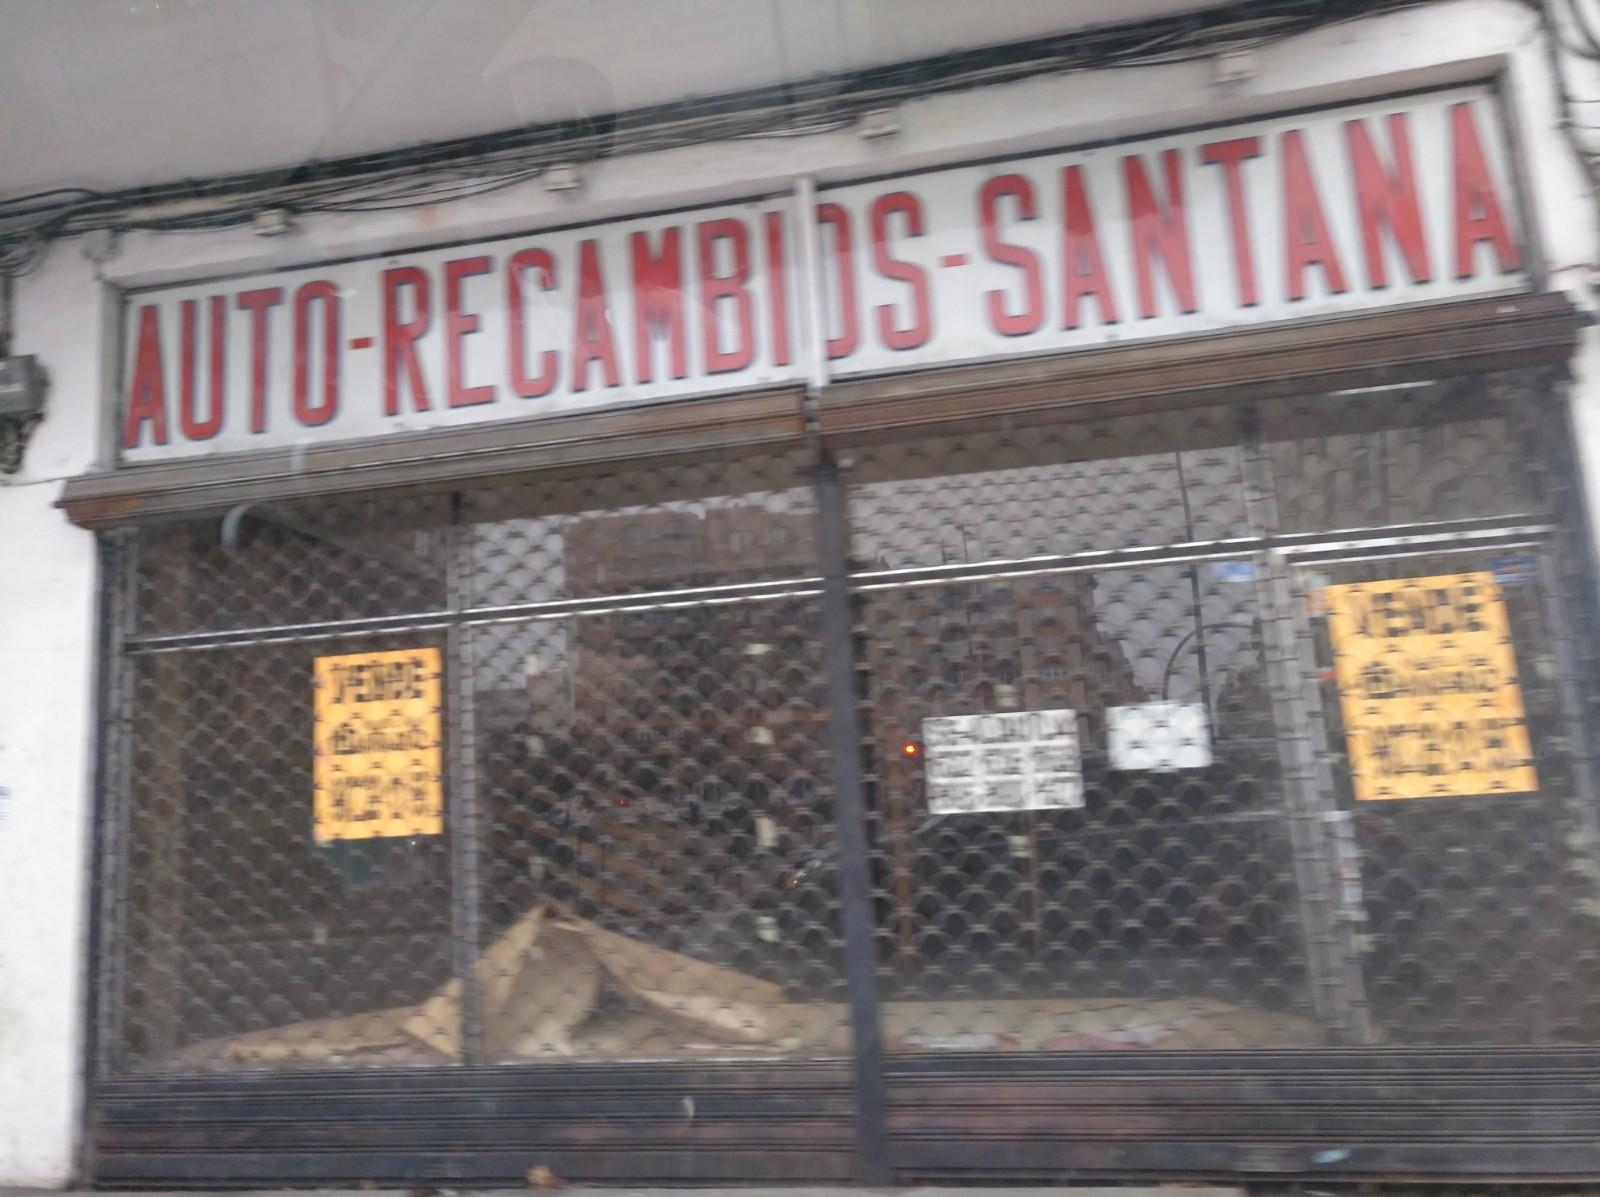 Auto-recambios Santana en Avenida Alcalde Miguel Castaño